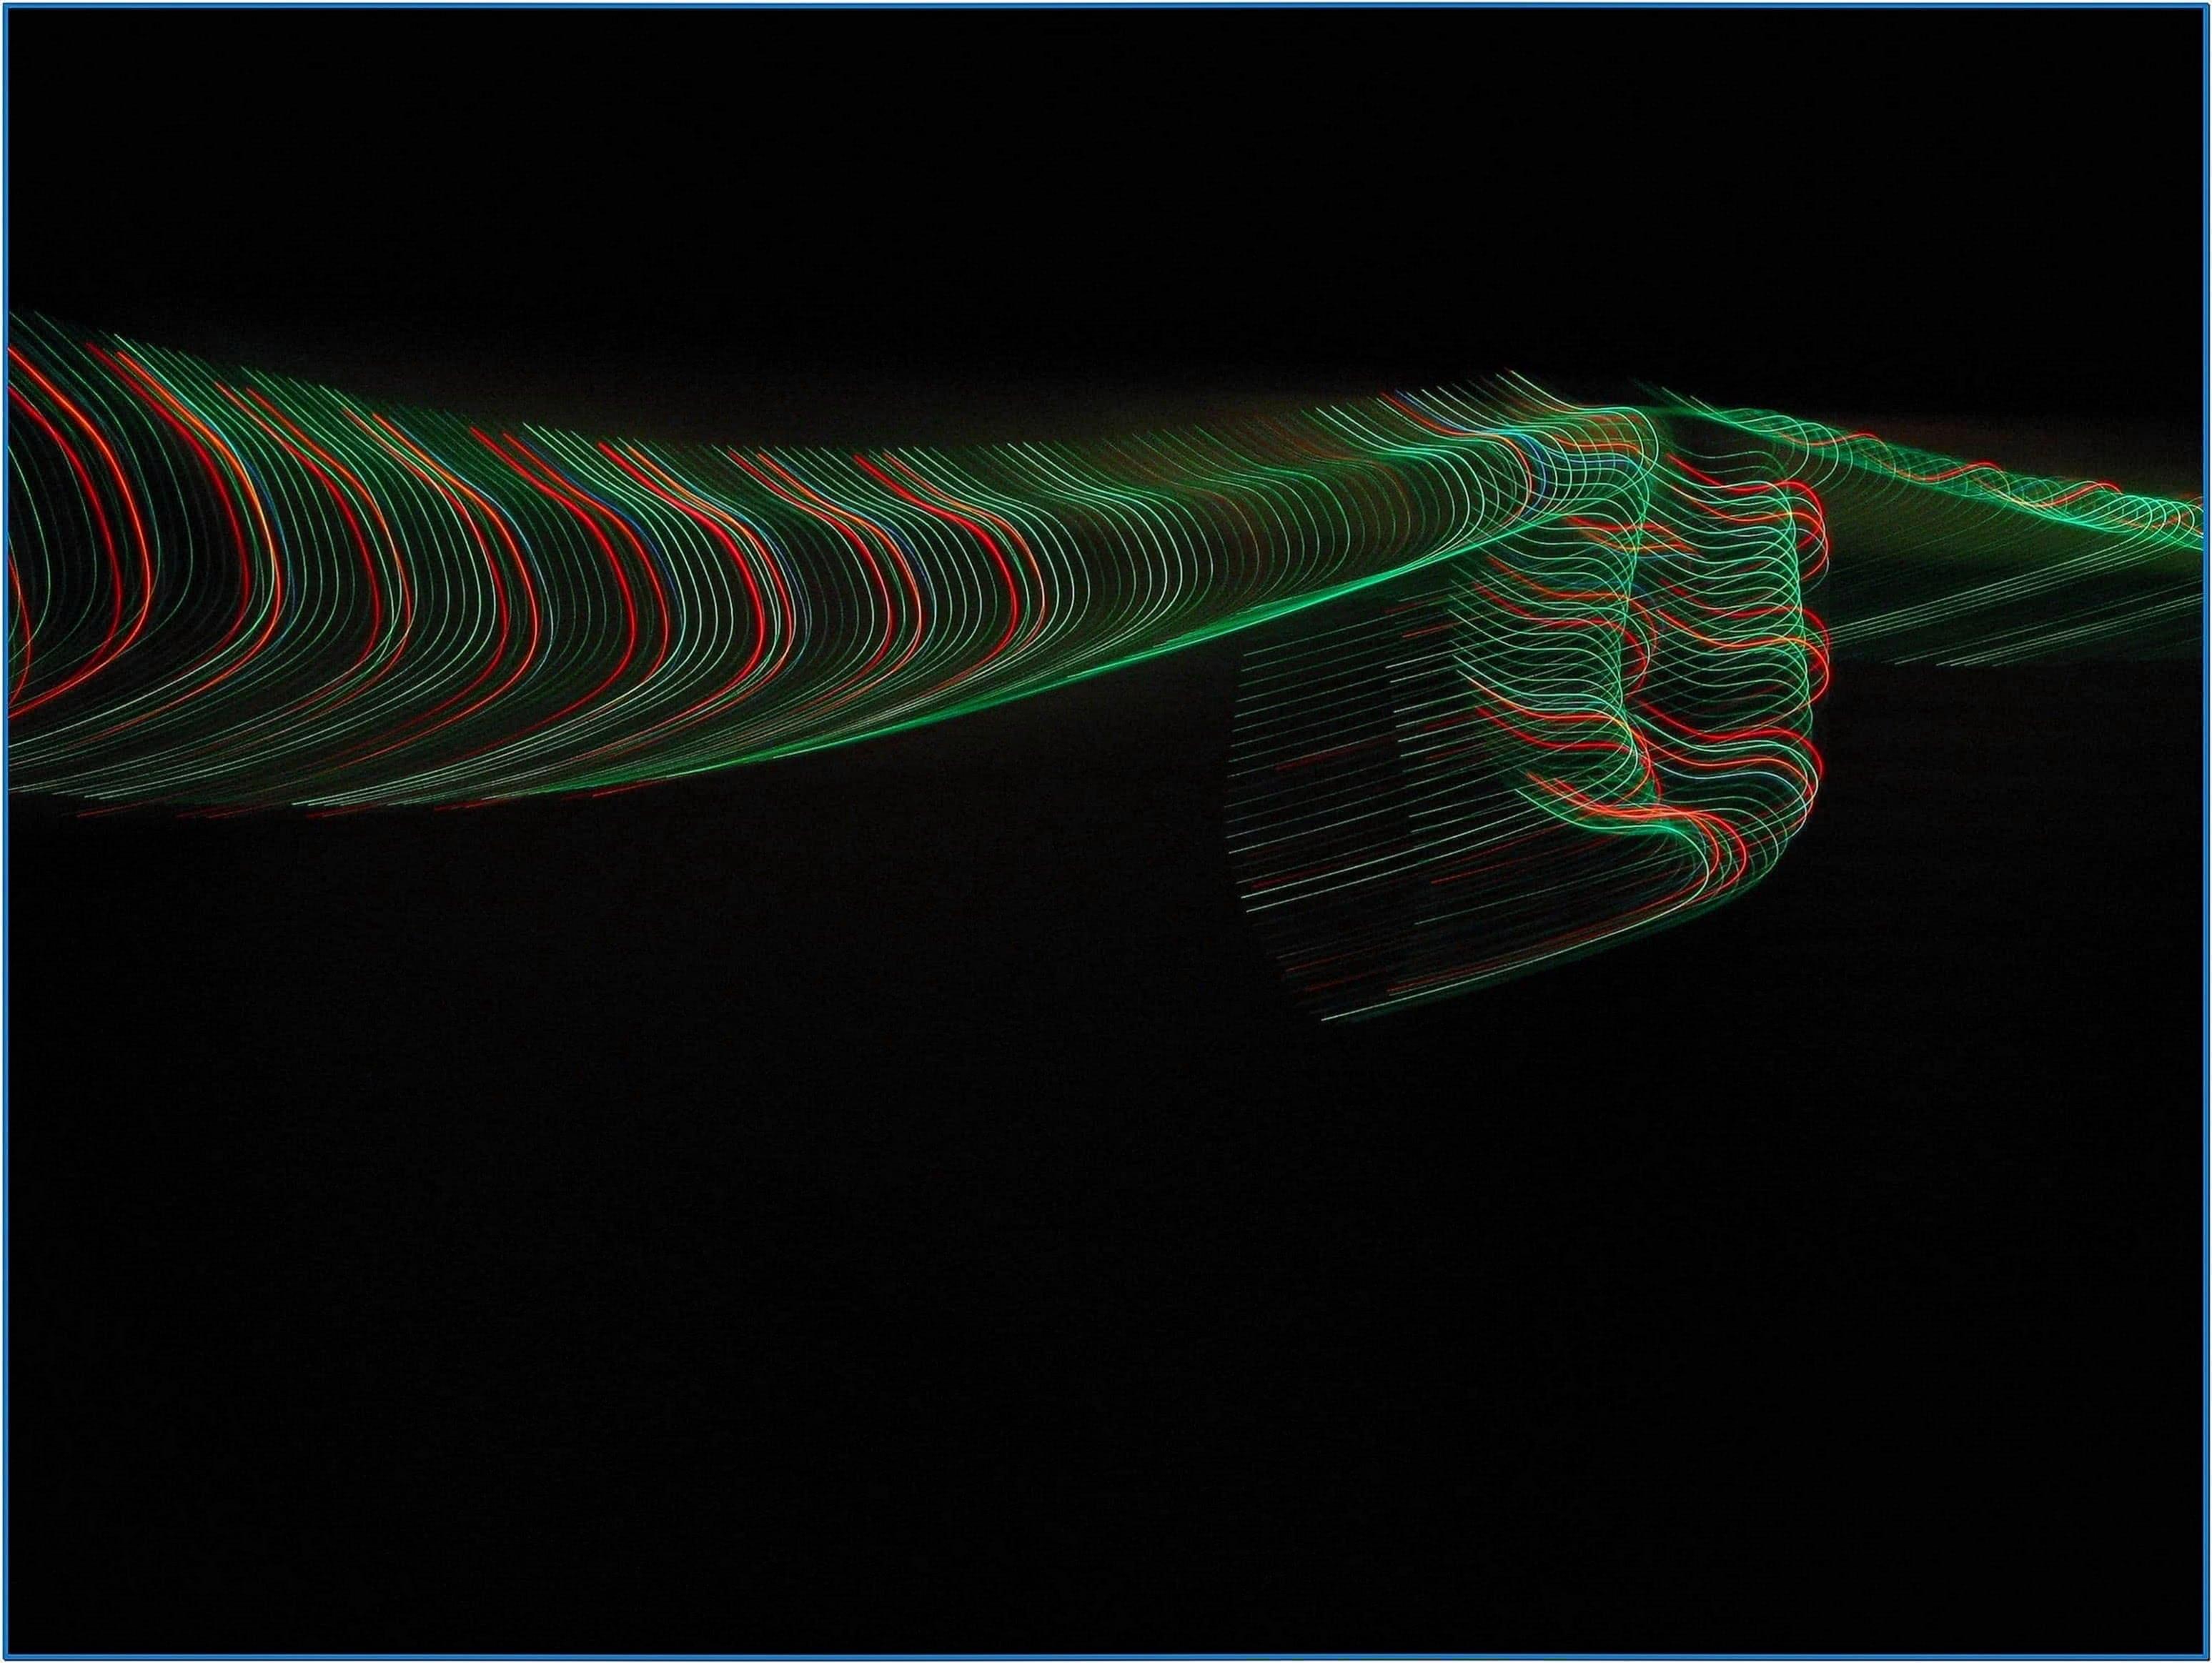 Microsoft christmas lights screensaver